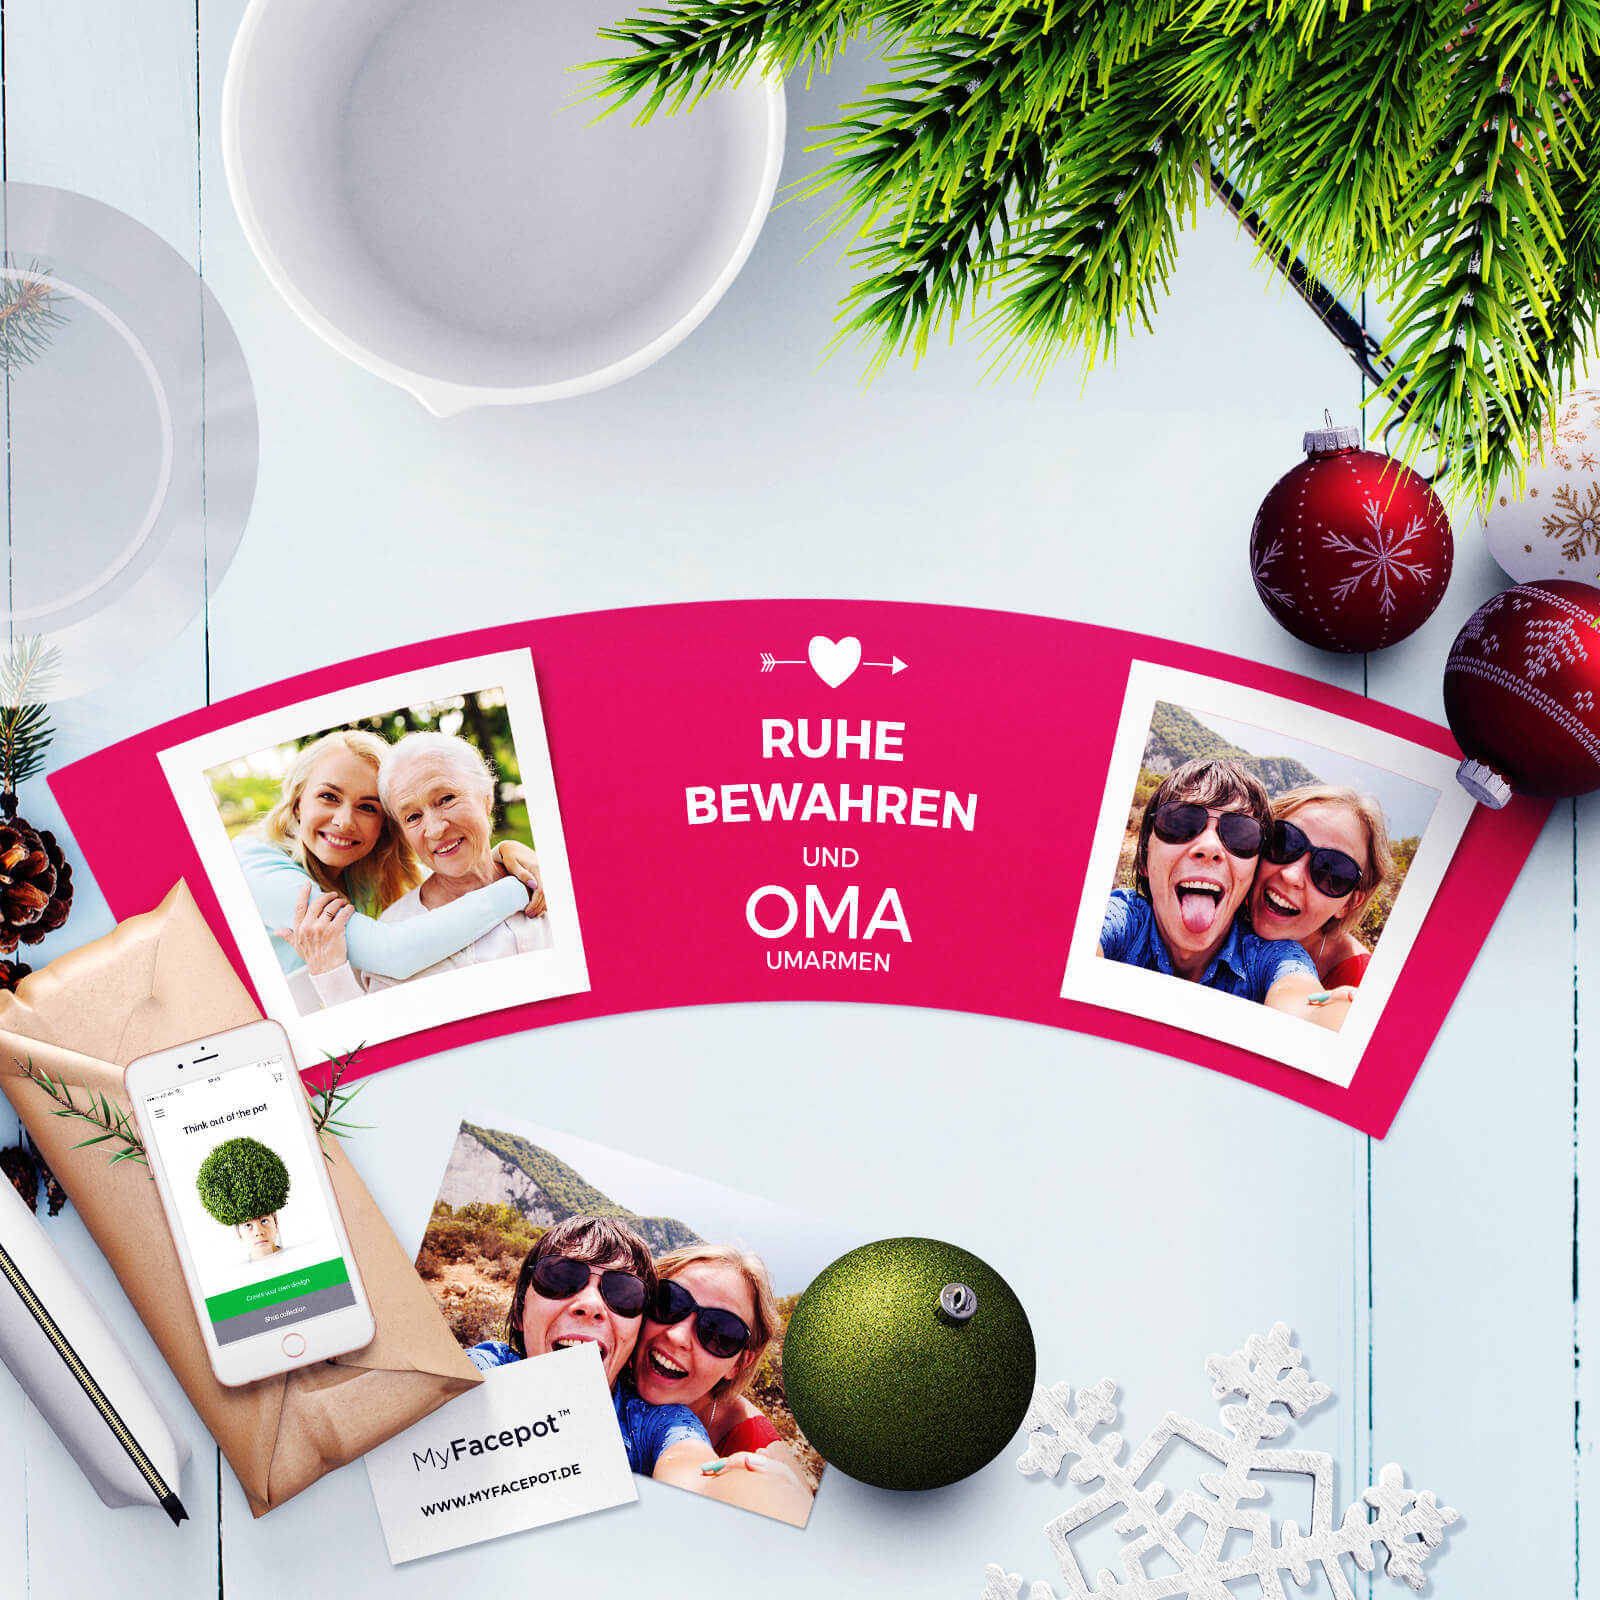 Geschenke für Oma Geburtstag Weihnachten Ruhe Bewahren